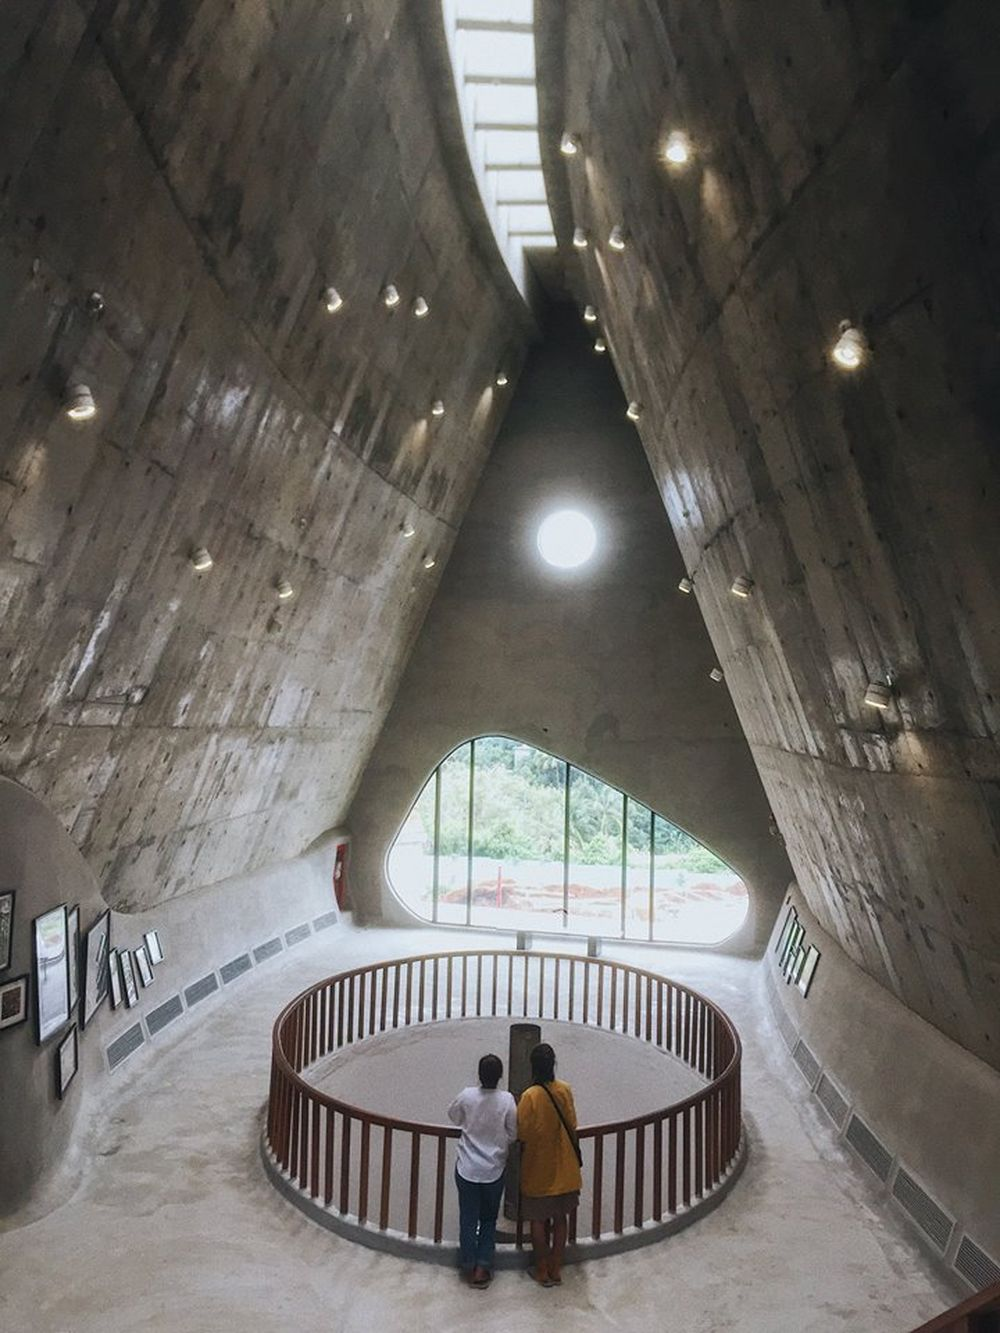 Bảo tàng thế giới cà phê tuyệt đẹp tọa lạc tại Tây Nguyên: Điểm ...